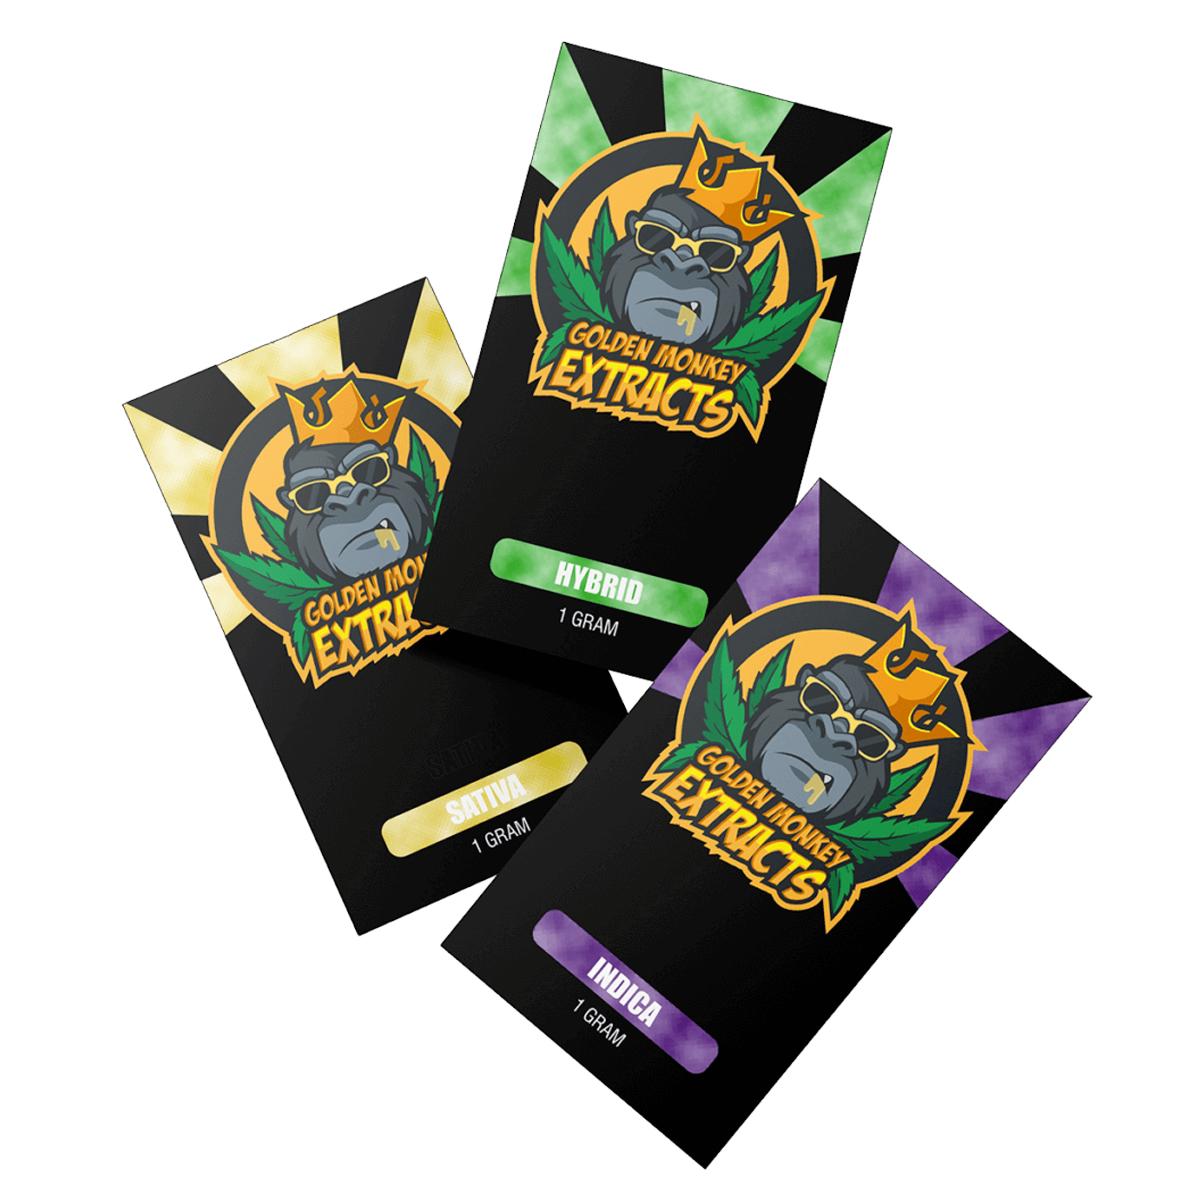 Buy Golden Monkey Extracts Online in Canada